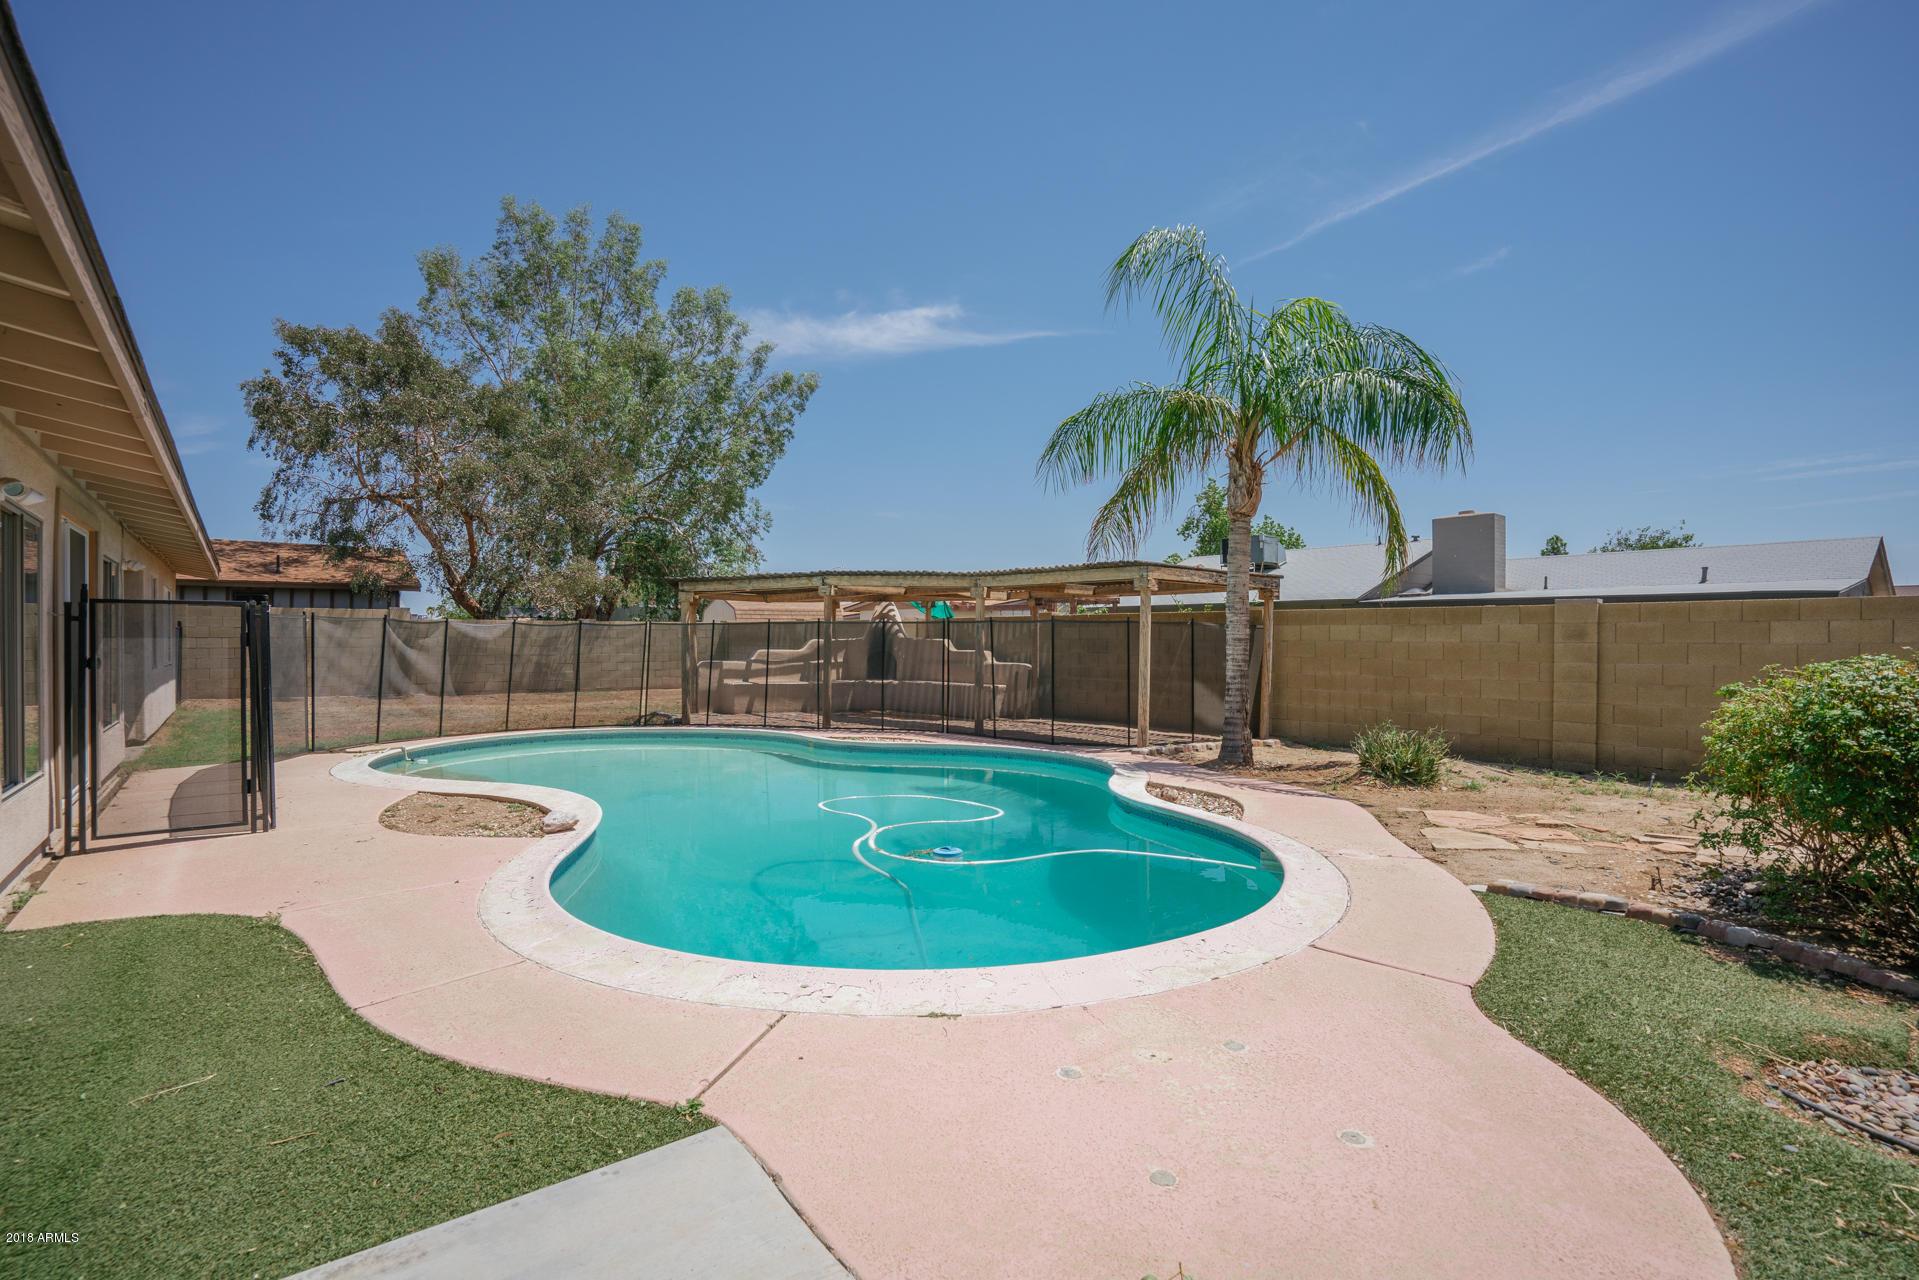 MLS 5806337 1639 W MICHIGAN Avenue, Phoenix, AZ 85023 Phoenix AZ Desert Valley Estates